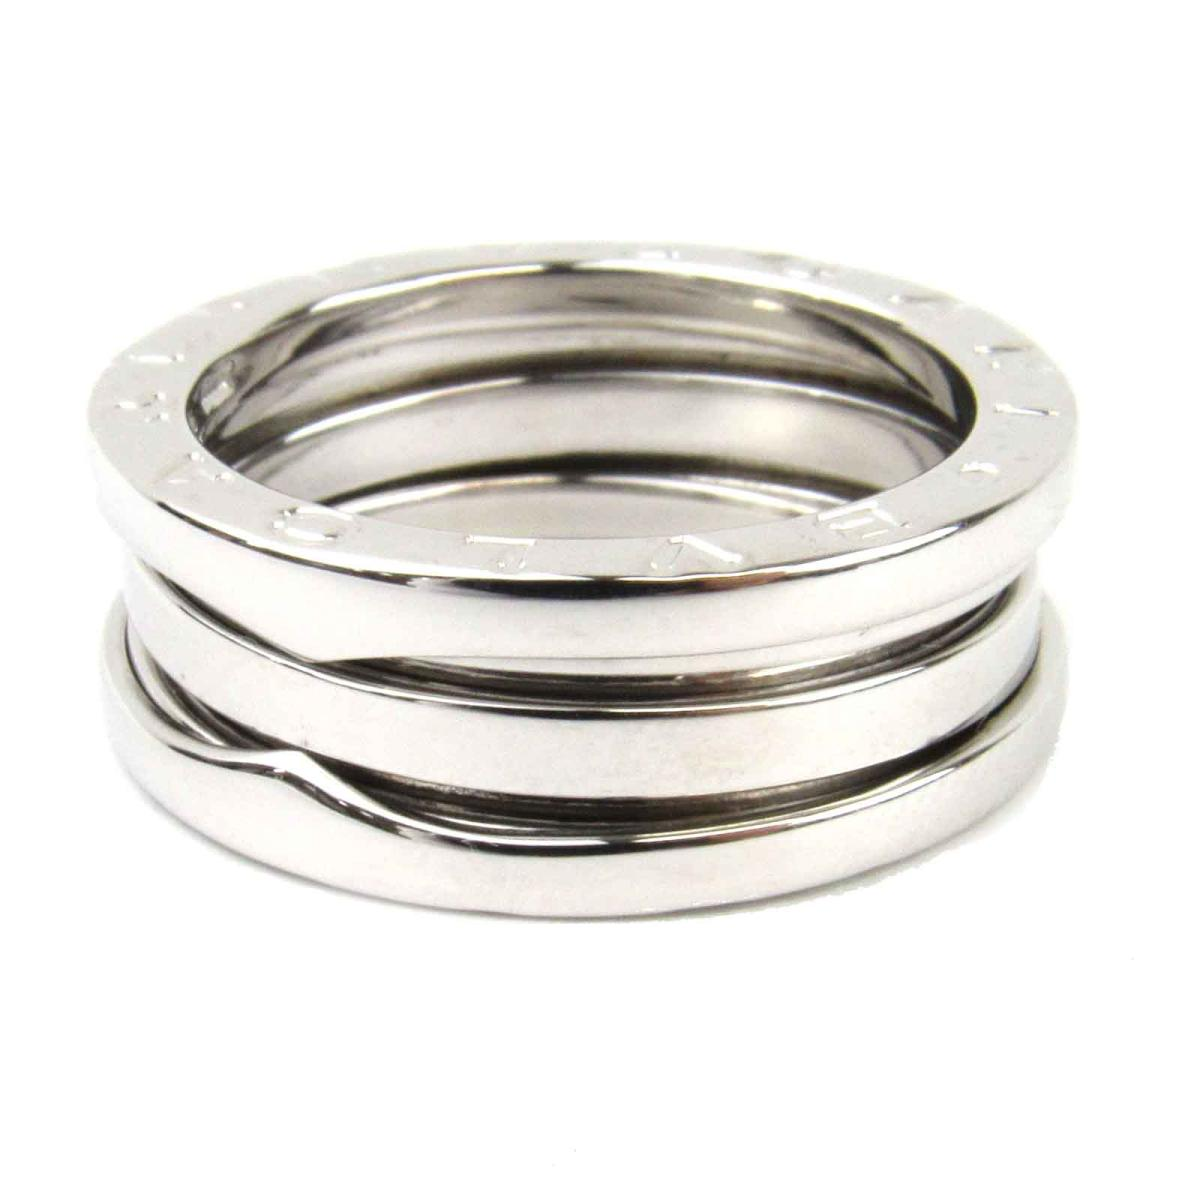 2f4ed73a19ba ... ブルガリB-zero1ビーゼロワンリングSサイズ指輪ブランドジュエリーユニセックス ...